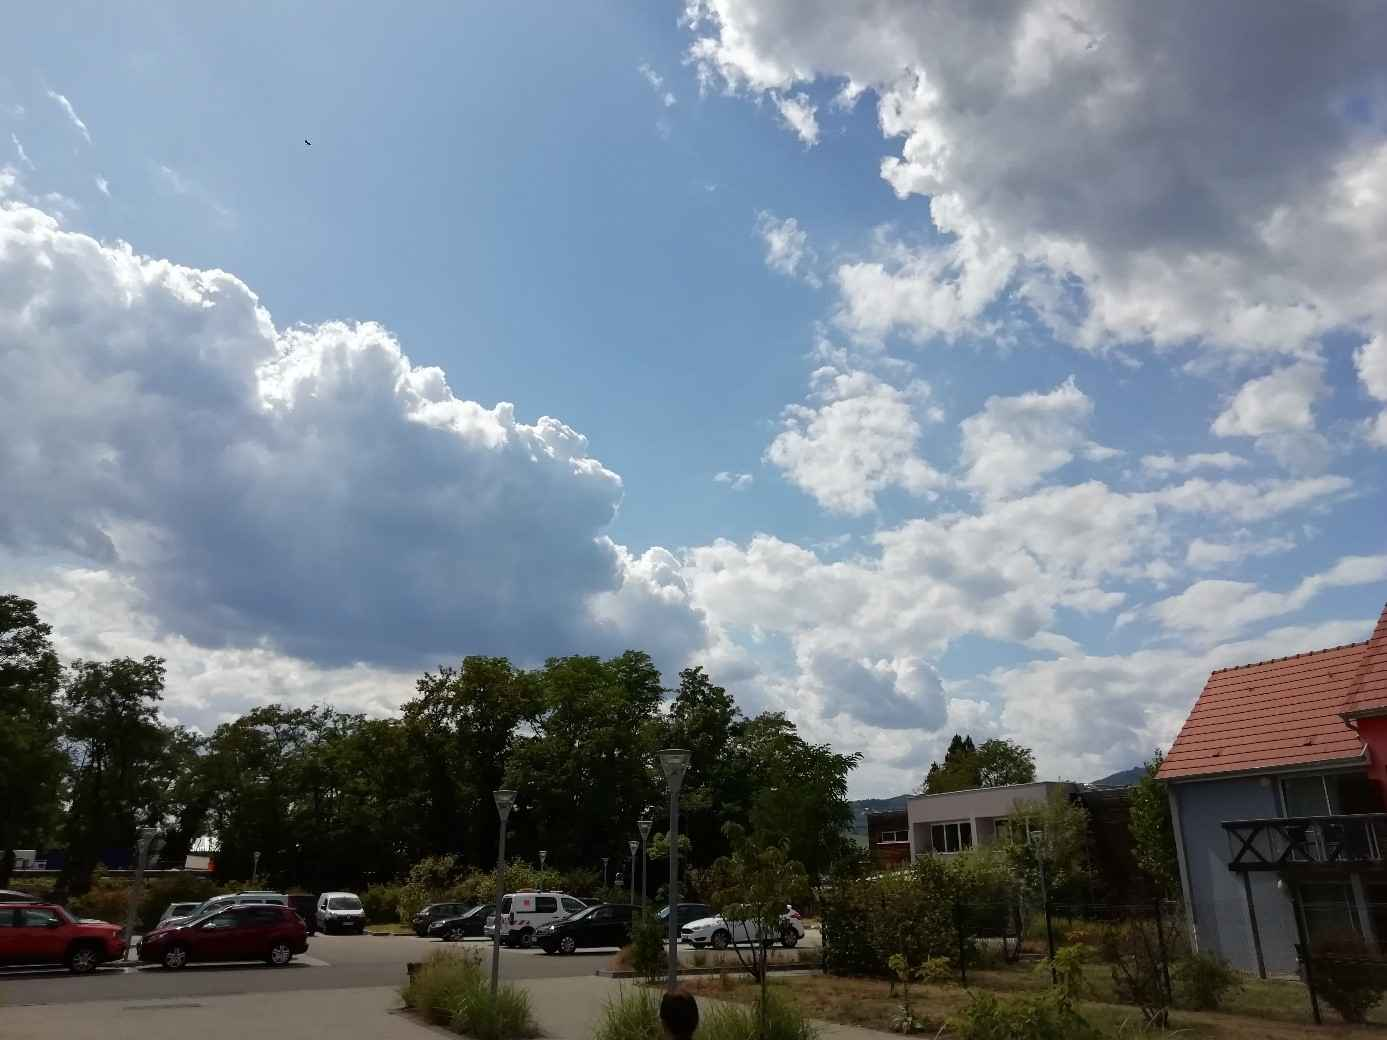 temps amelioration sur colmar comparaison observation et prevision meteo